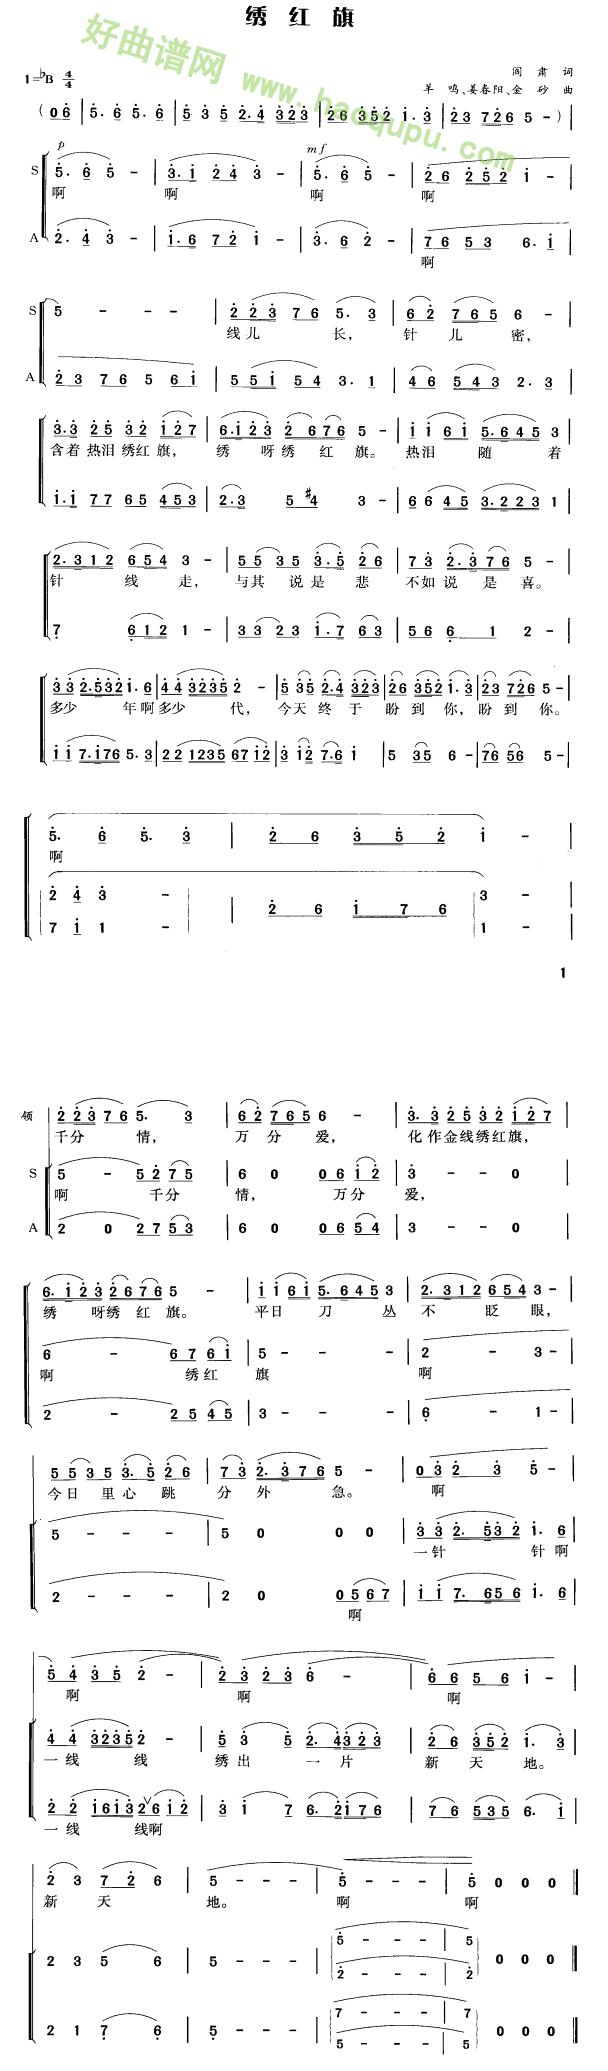 《绣红旗》(合唱)合唱谱第1张